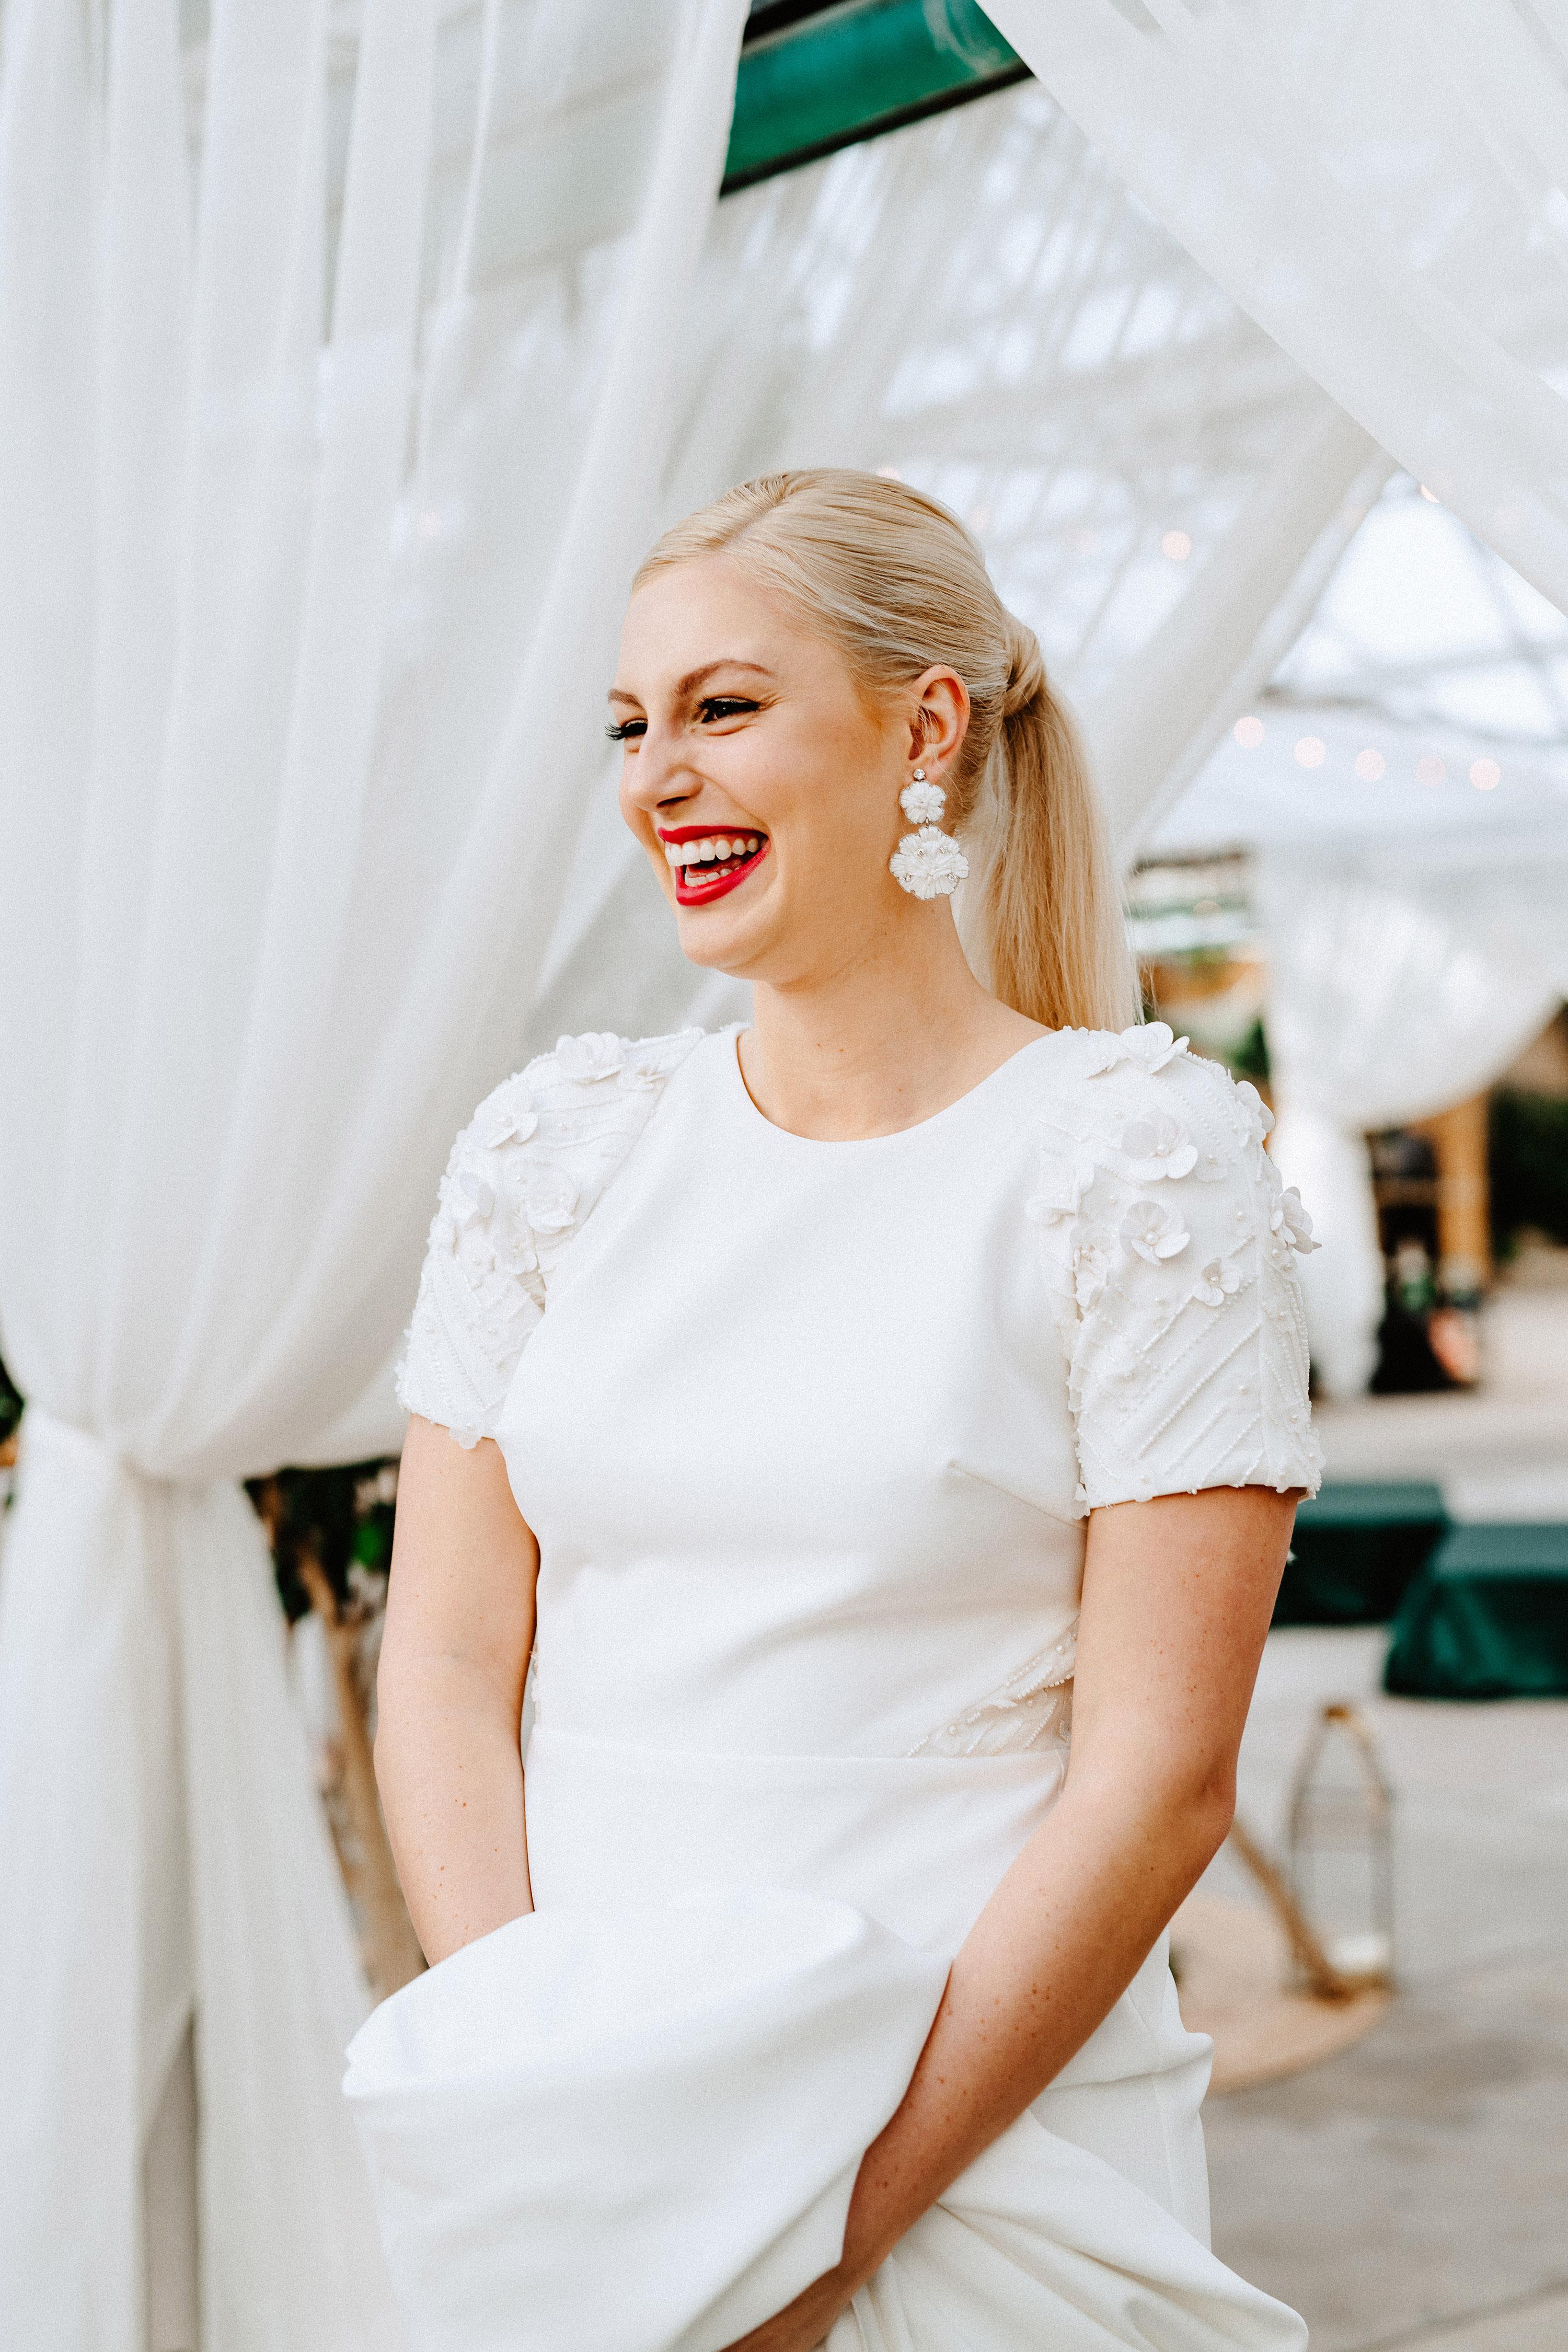 bold lipstick retro bride smiling